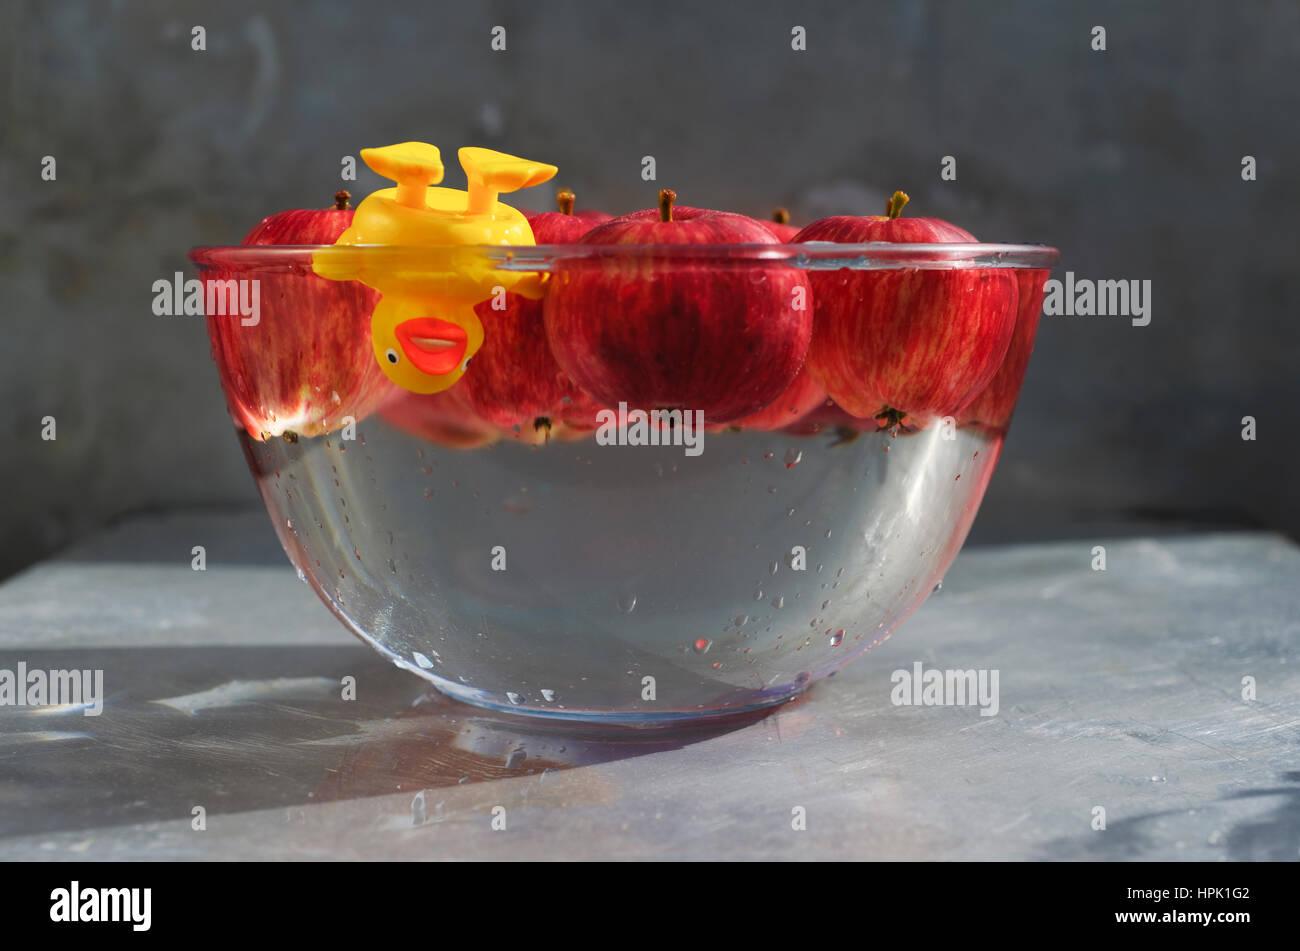 Il ducking per le mele. Giallo anatra in plastica che gode di una buona sguazzare in una ciotola di acqua e le mele Immagini Stock